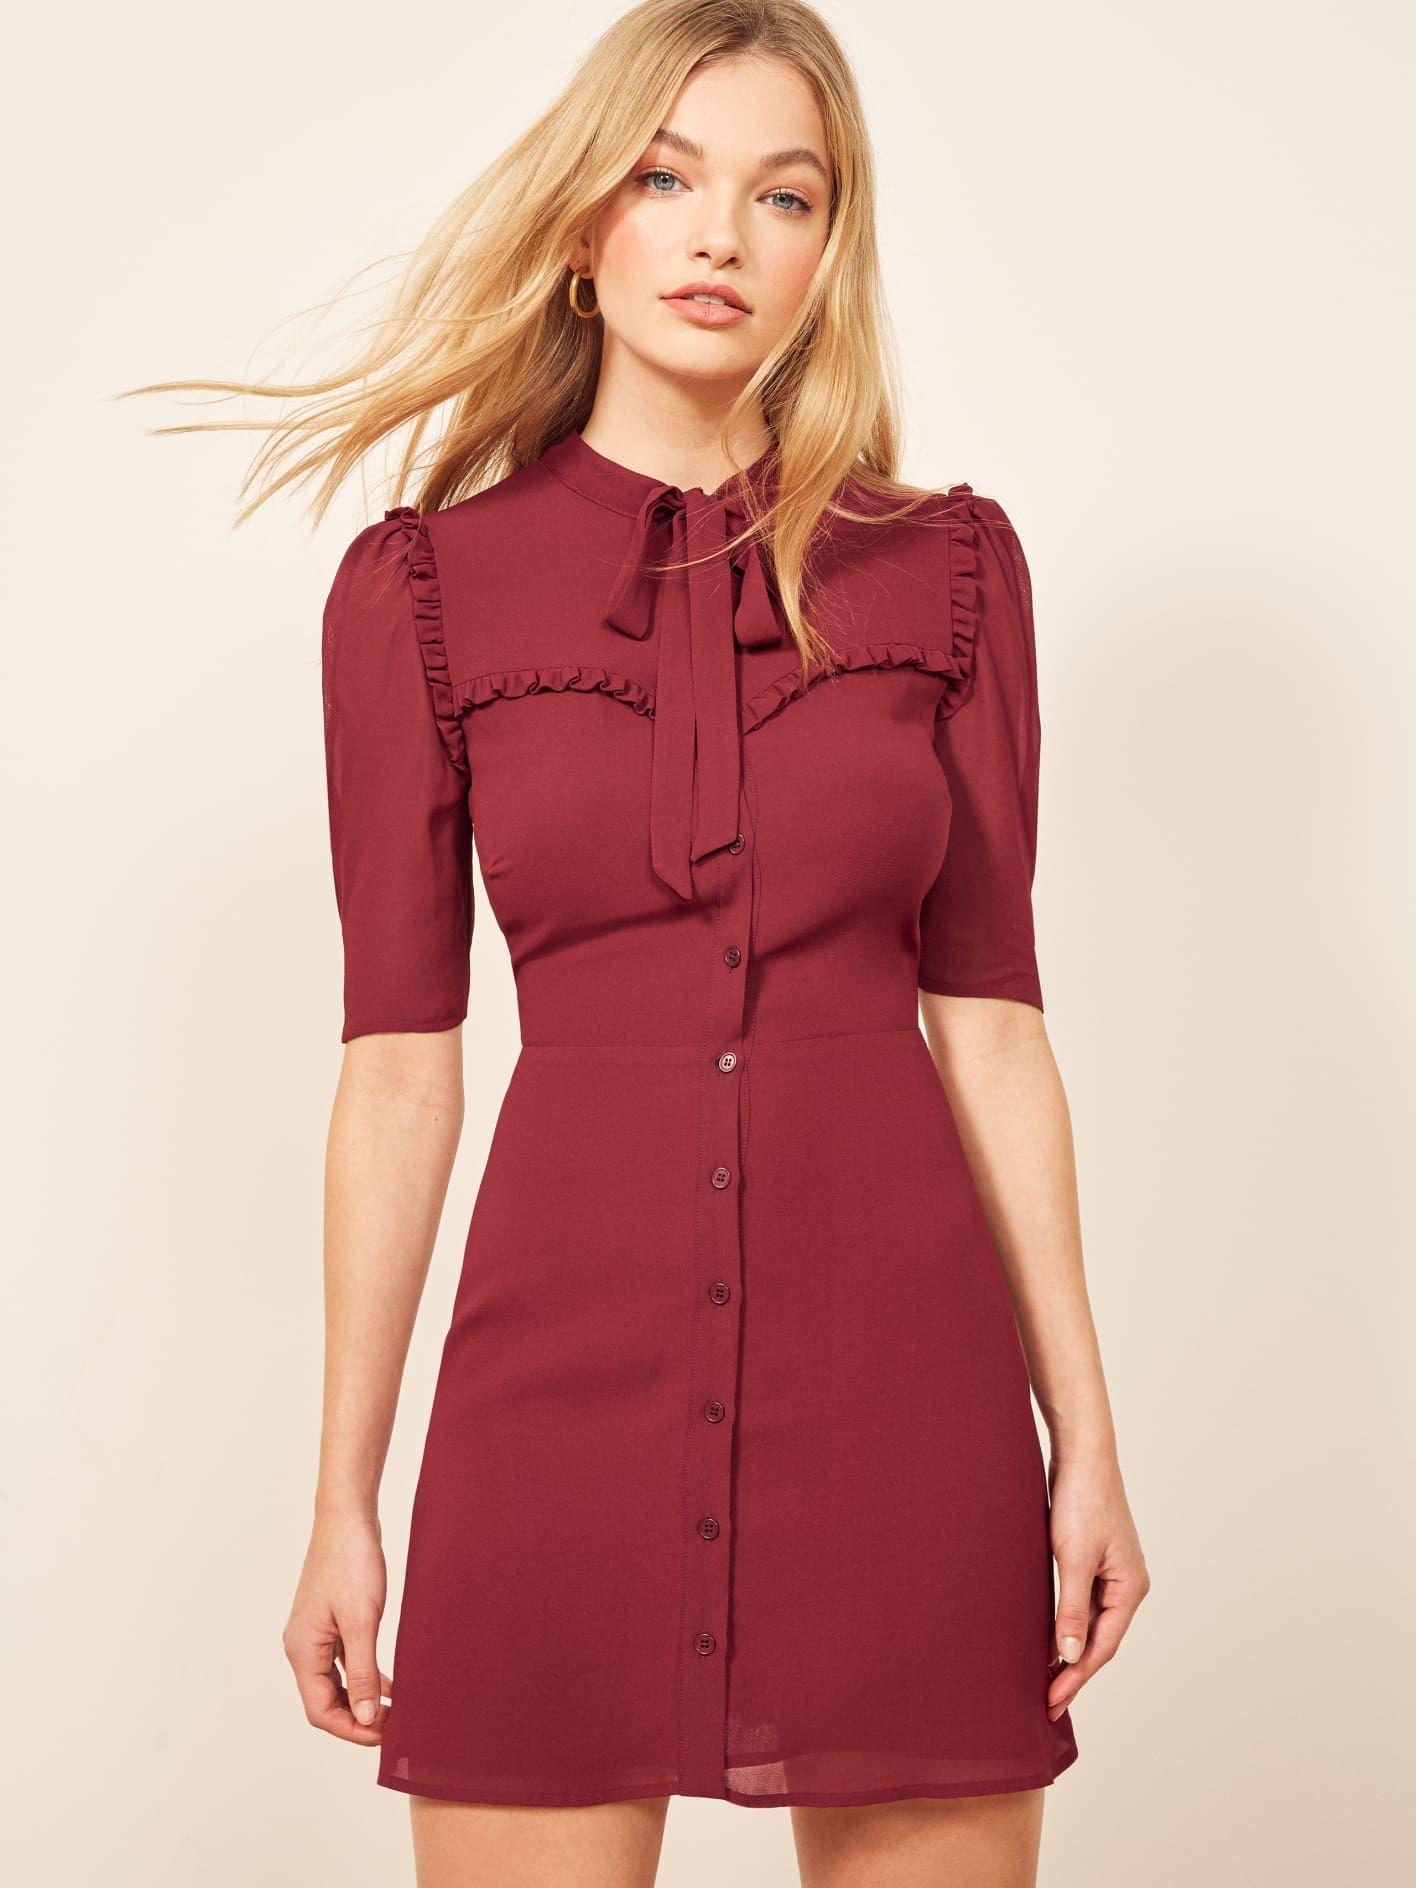 a711562333c womens fashion plus size. The Kinsly Dress